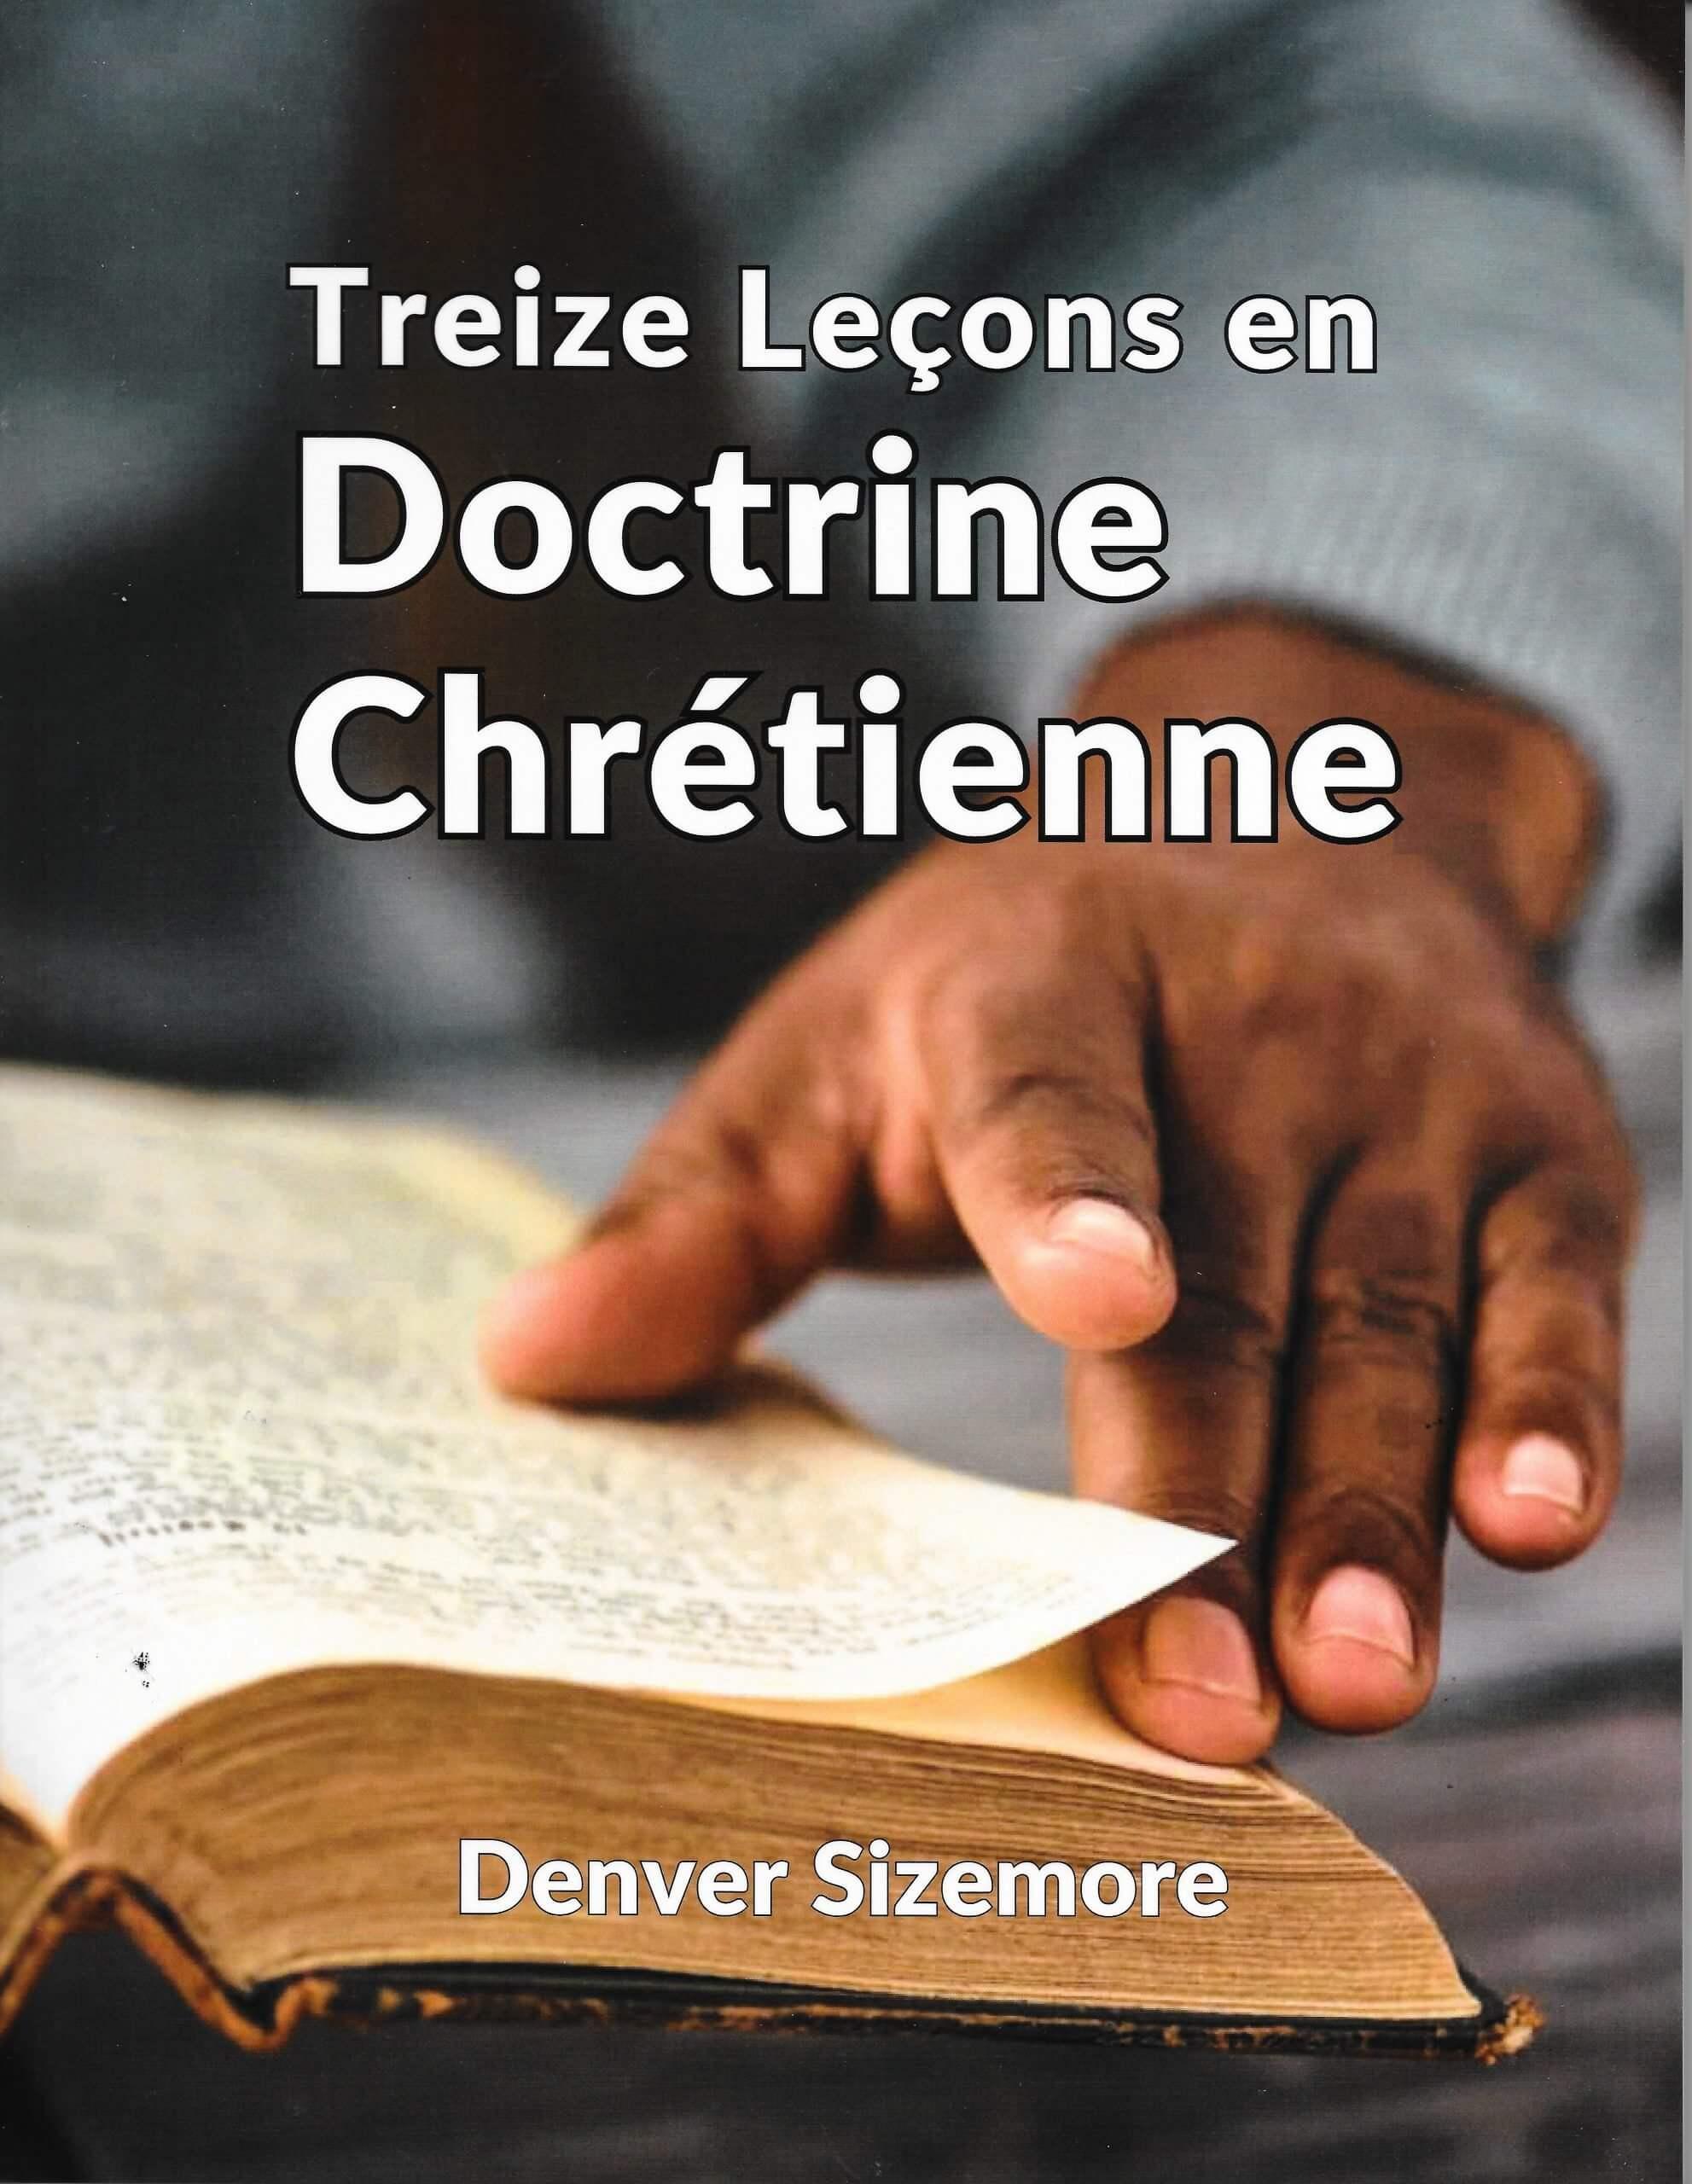 Treize Leçons en Doctrine Chrétienne (13 Lessons in Christian Doctrine)